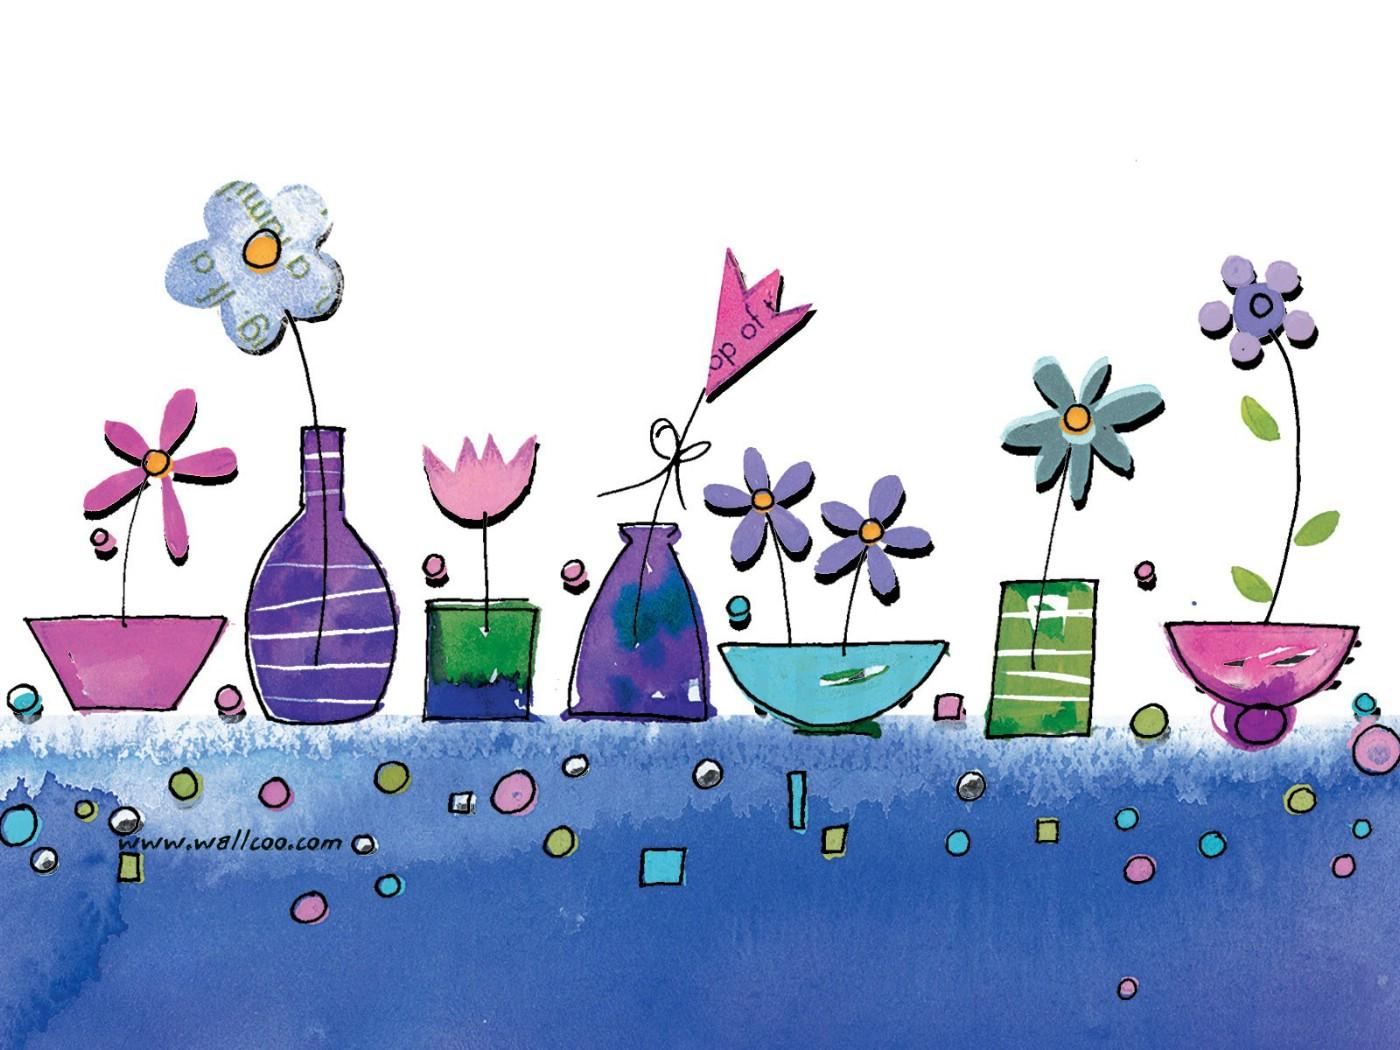 壁纸1400×1050花卉图案设计 可爱花卉插画壁纸壁纸 艺术与抽象花卉壁纸壁纸图片花卉壁纸花卉图片素材桌面壁纸